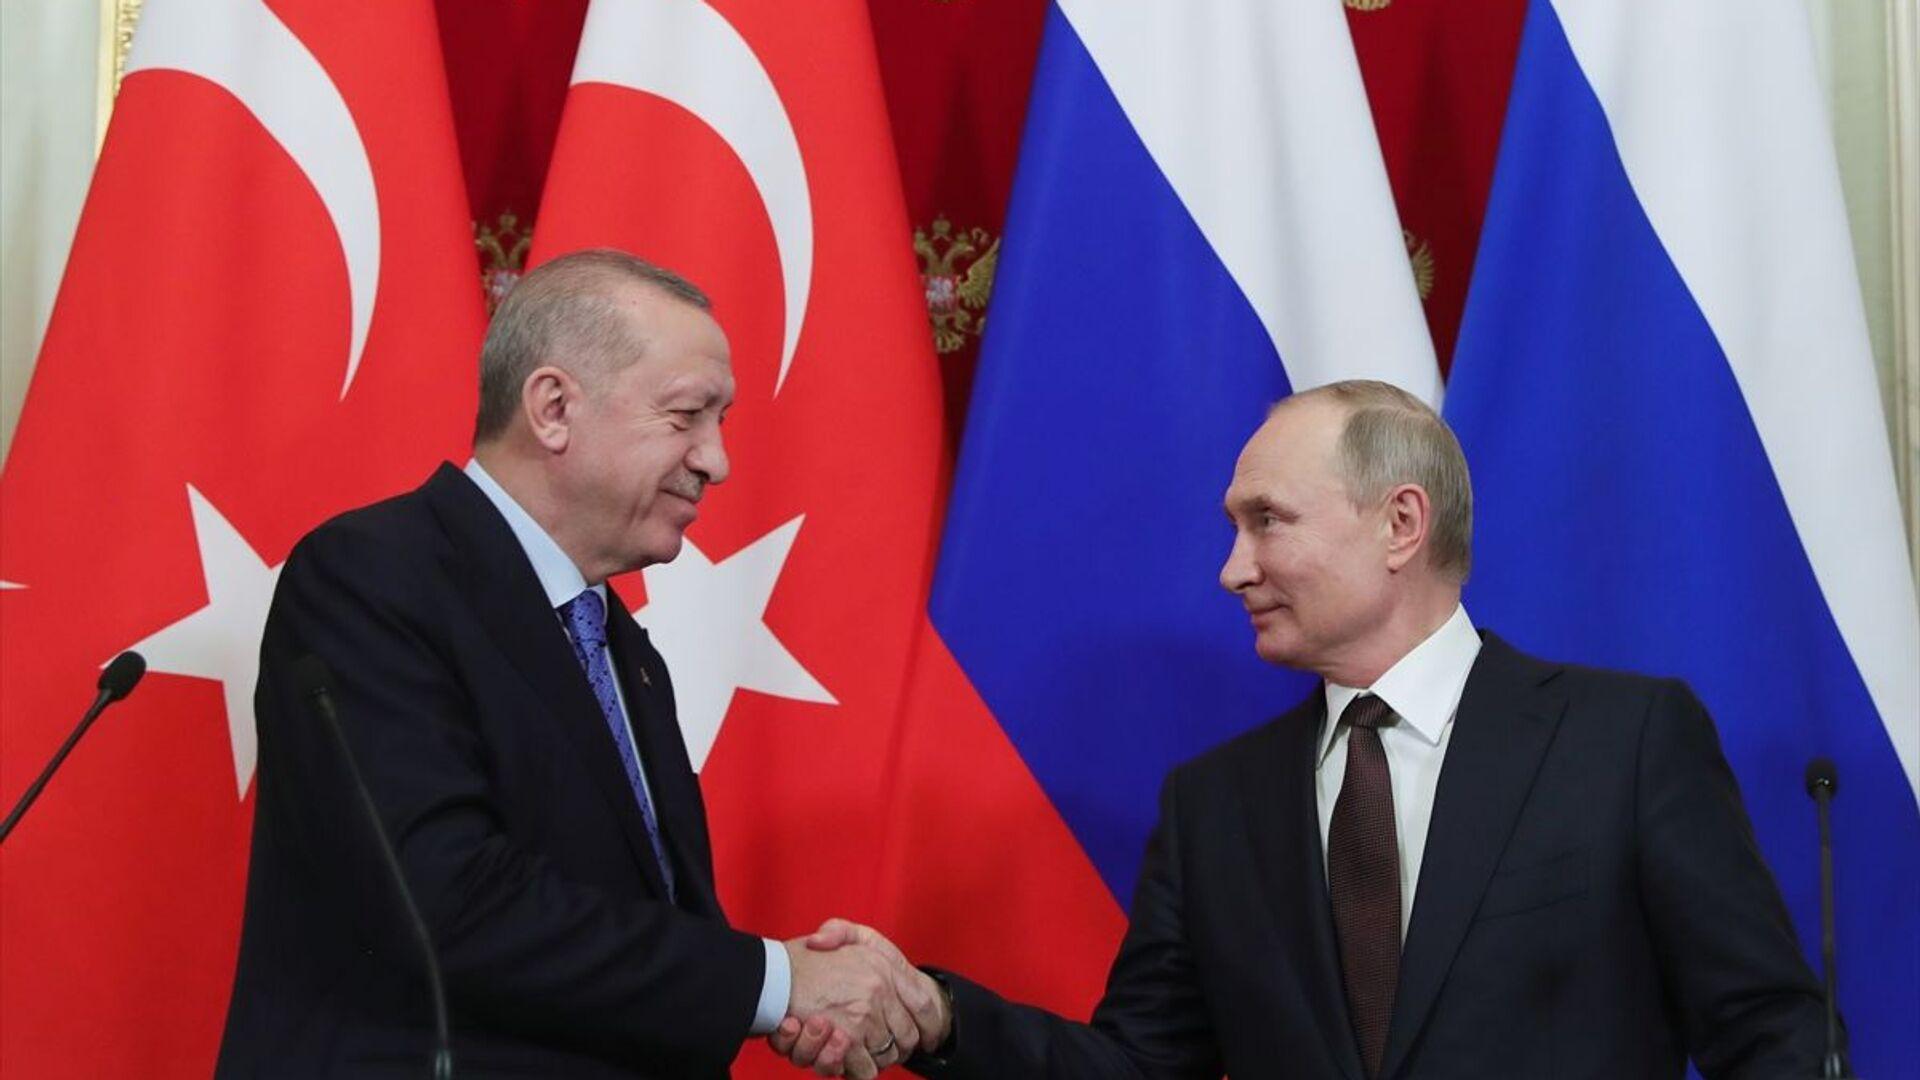 Türkiye Cumhurbaşkanı Recep Tayyip Erdoğan ile Rusya Devlet Başkanı Vladimir Putin - Sputnik Türkiye, 1920, 21.09.2021